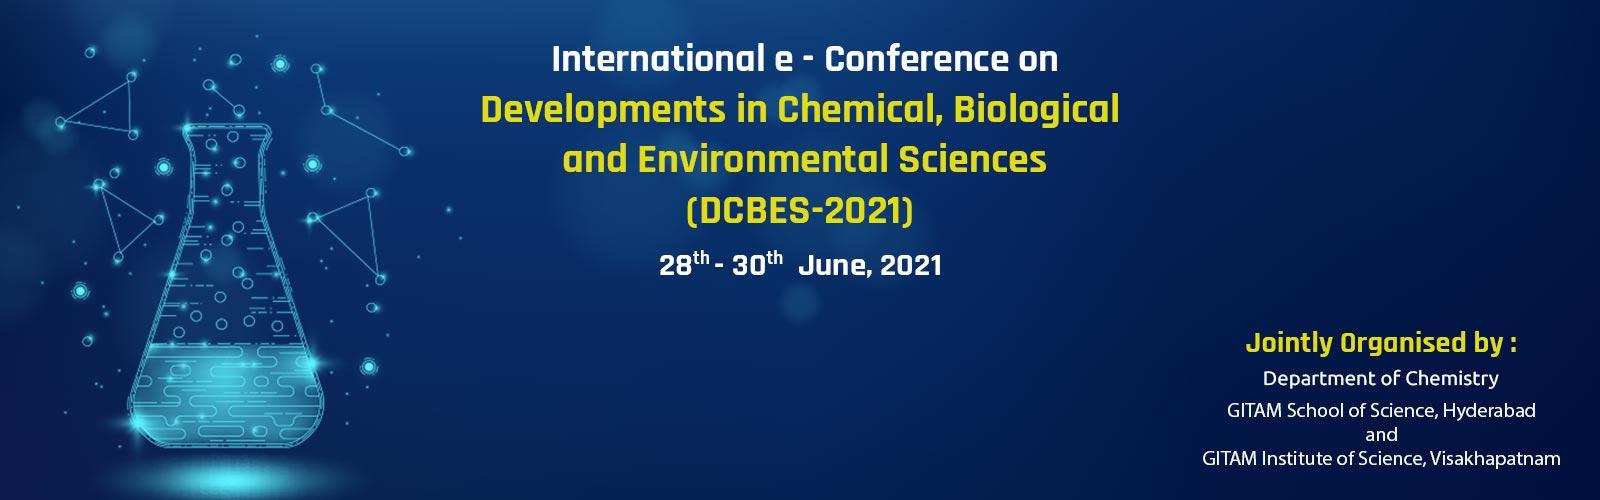 DCBES-2021 logo